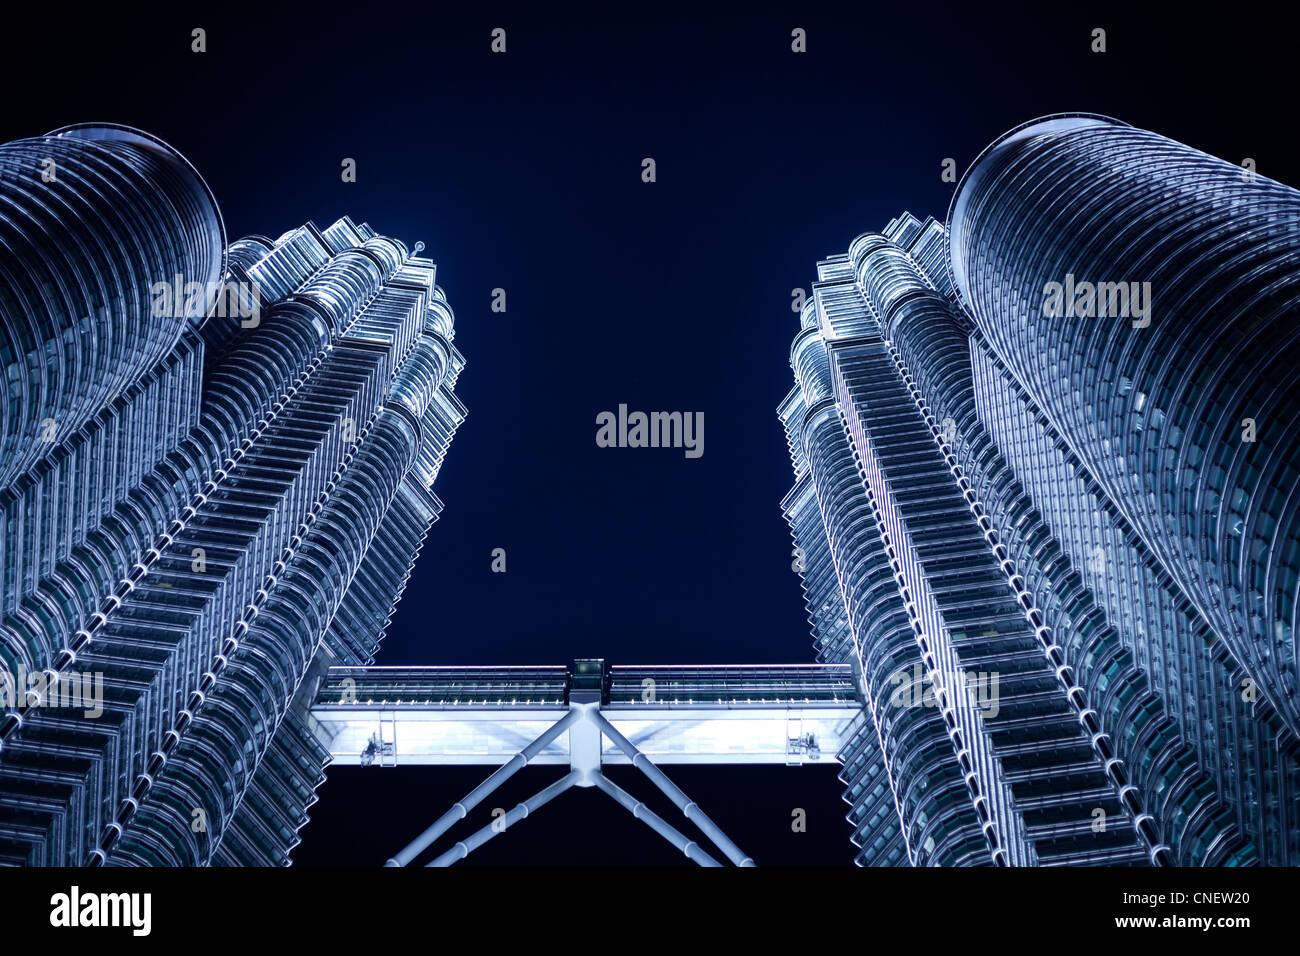 Petronas towers Kuala Lumpur - Stock Image